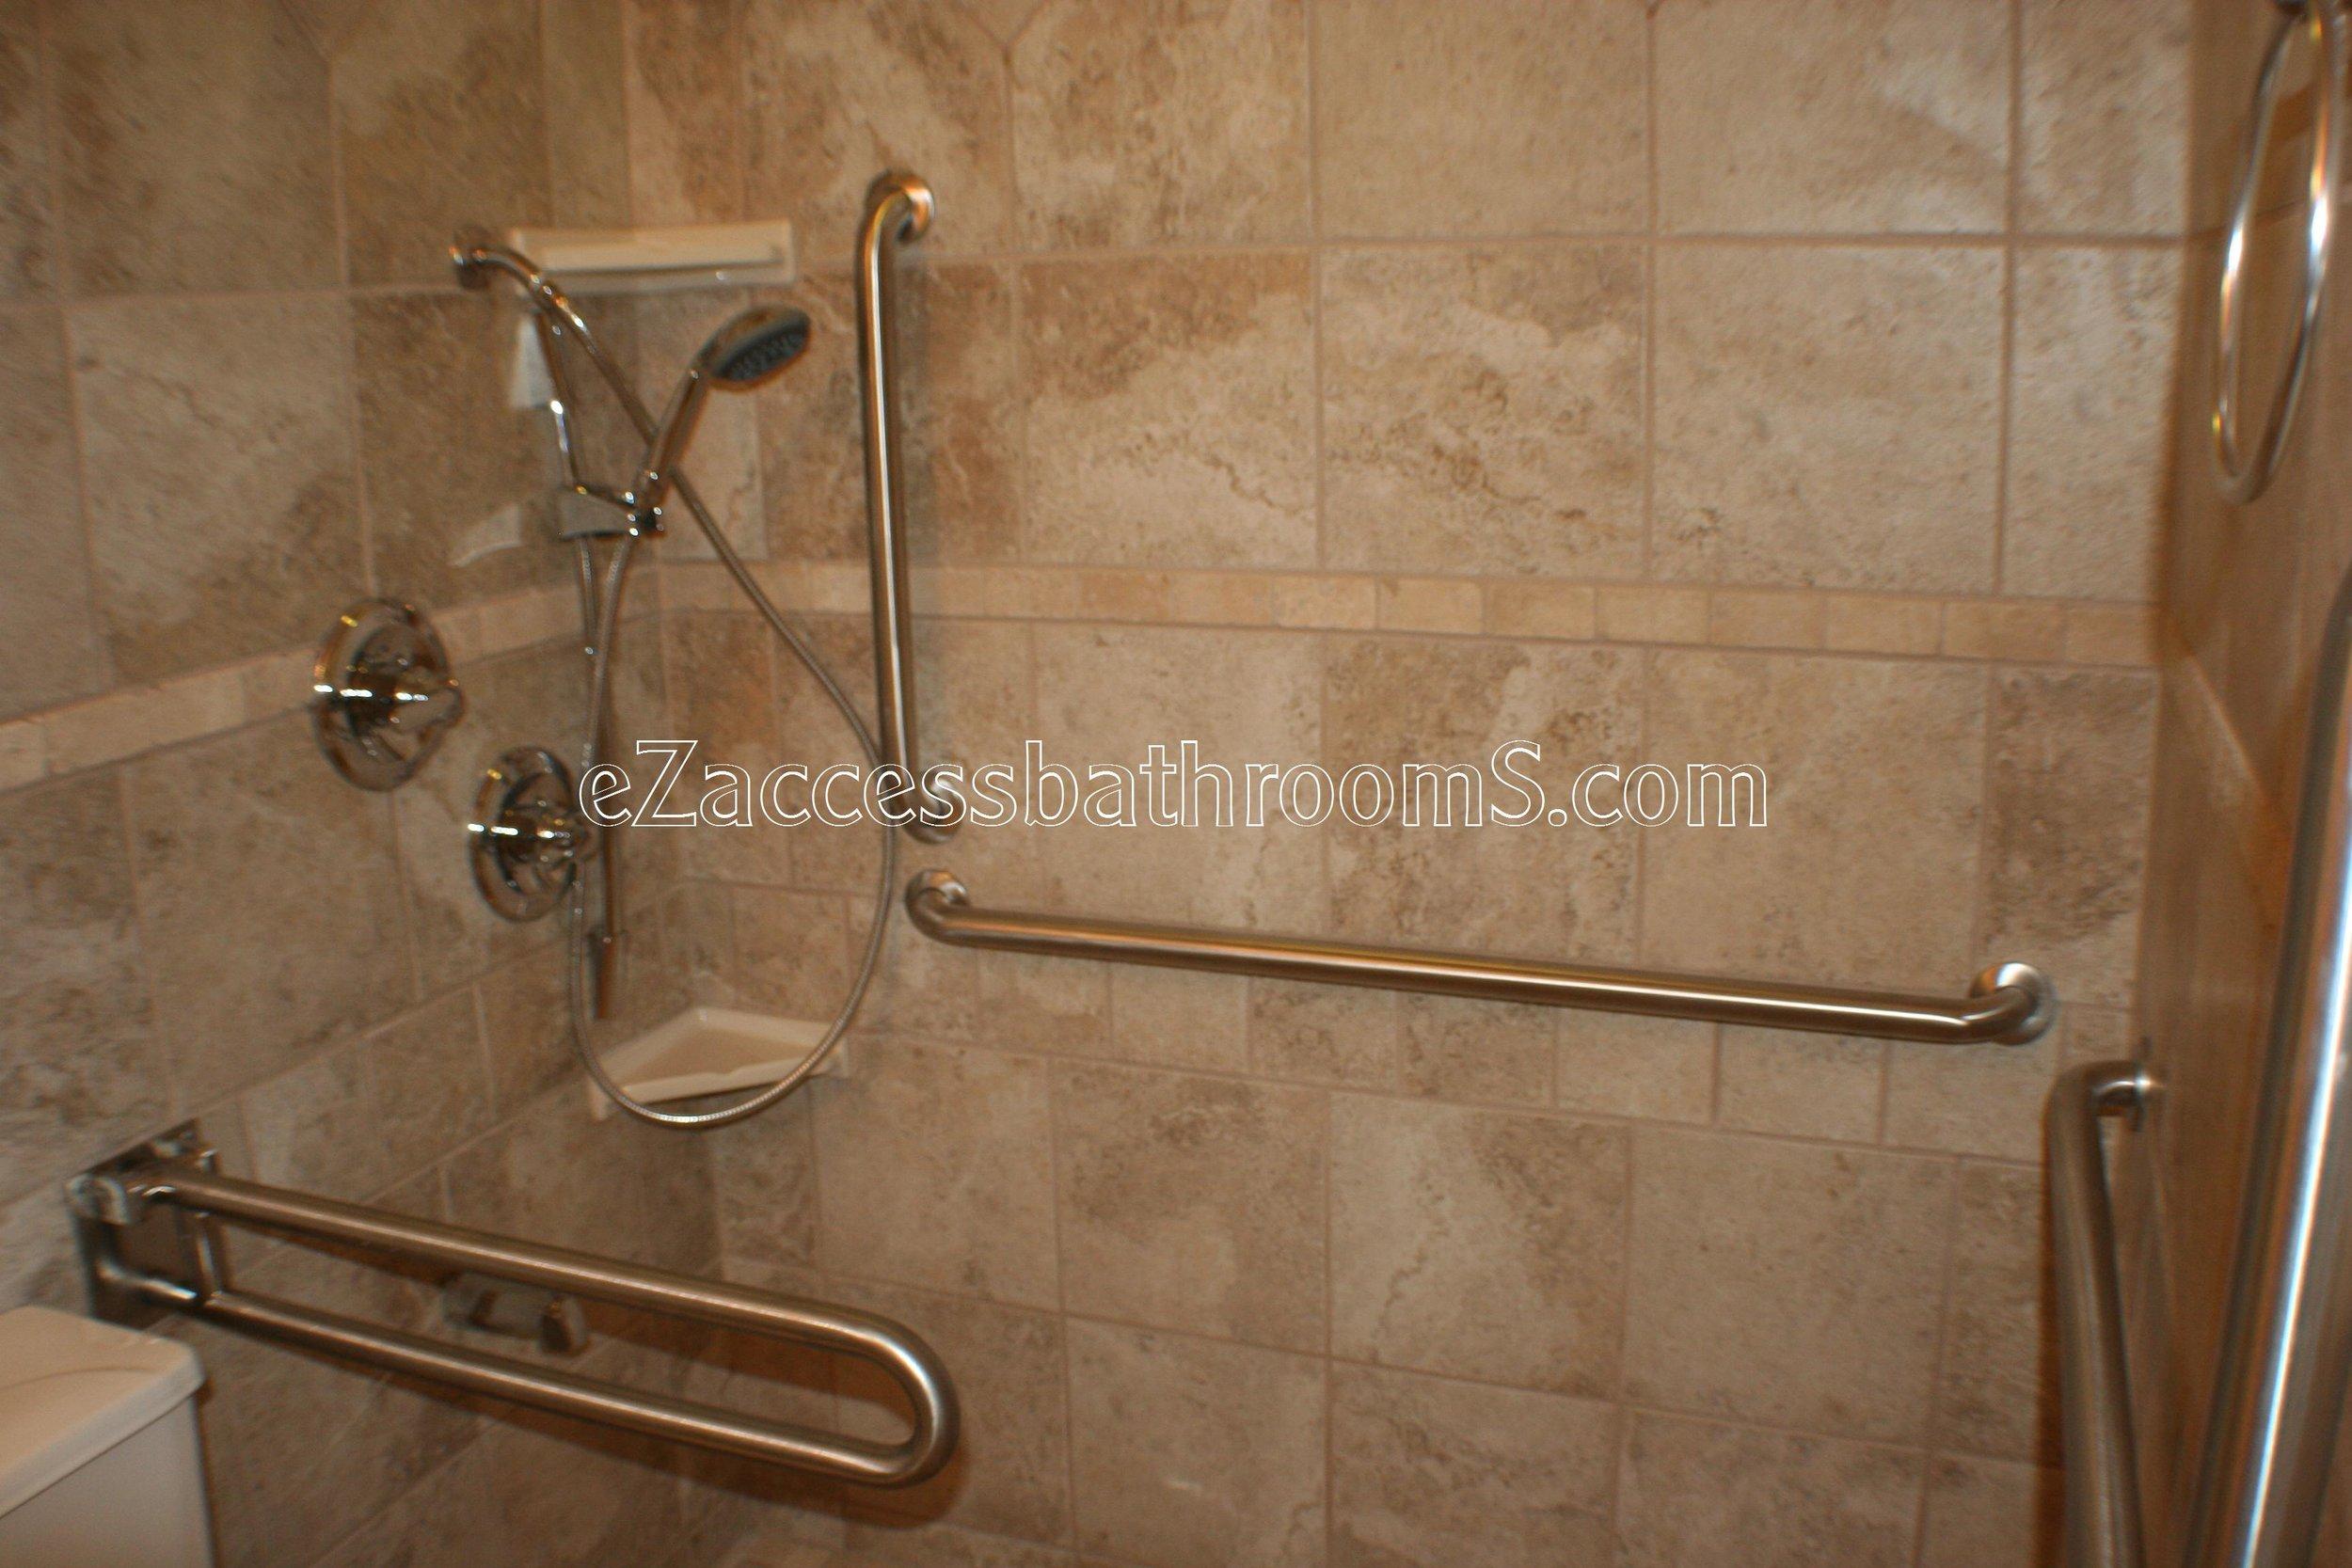 handicap bathroom 01 ezacessbathrooms.com 012.jpg